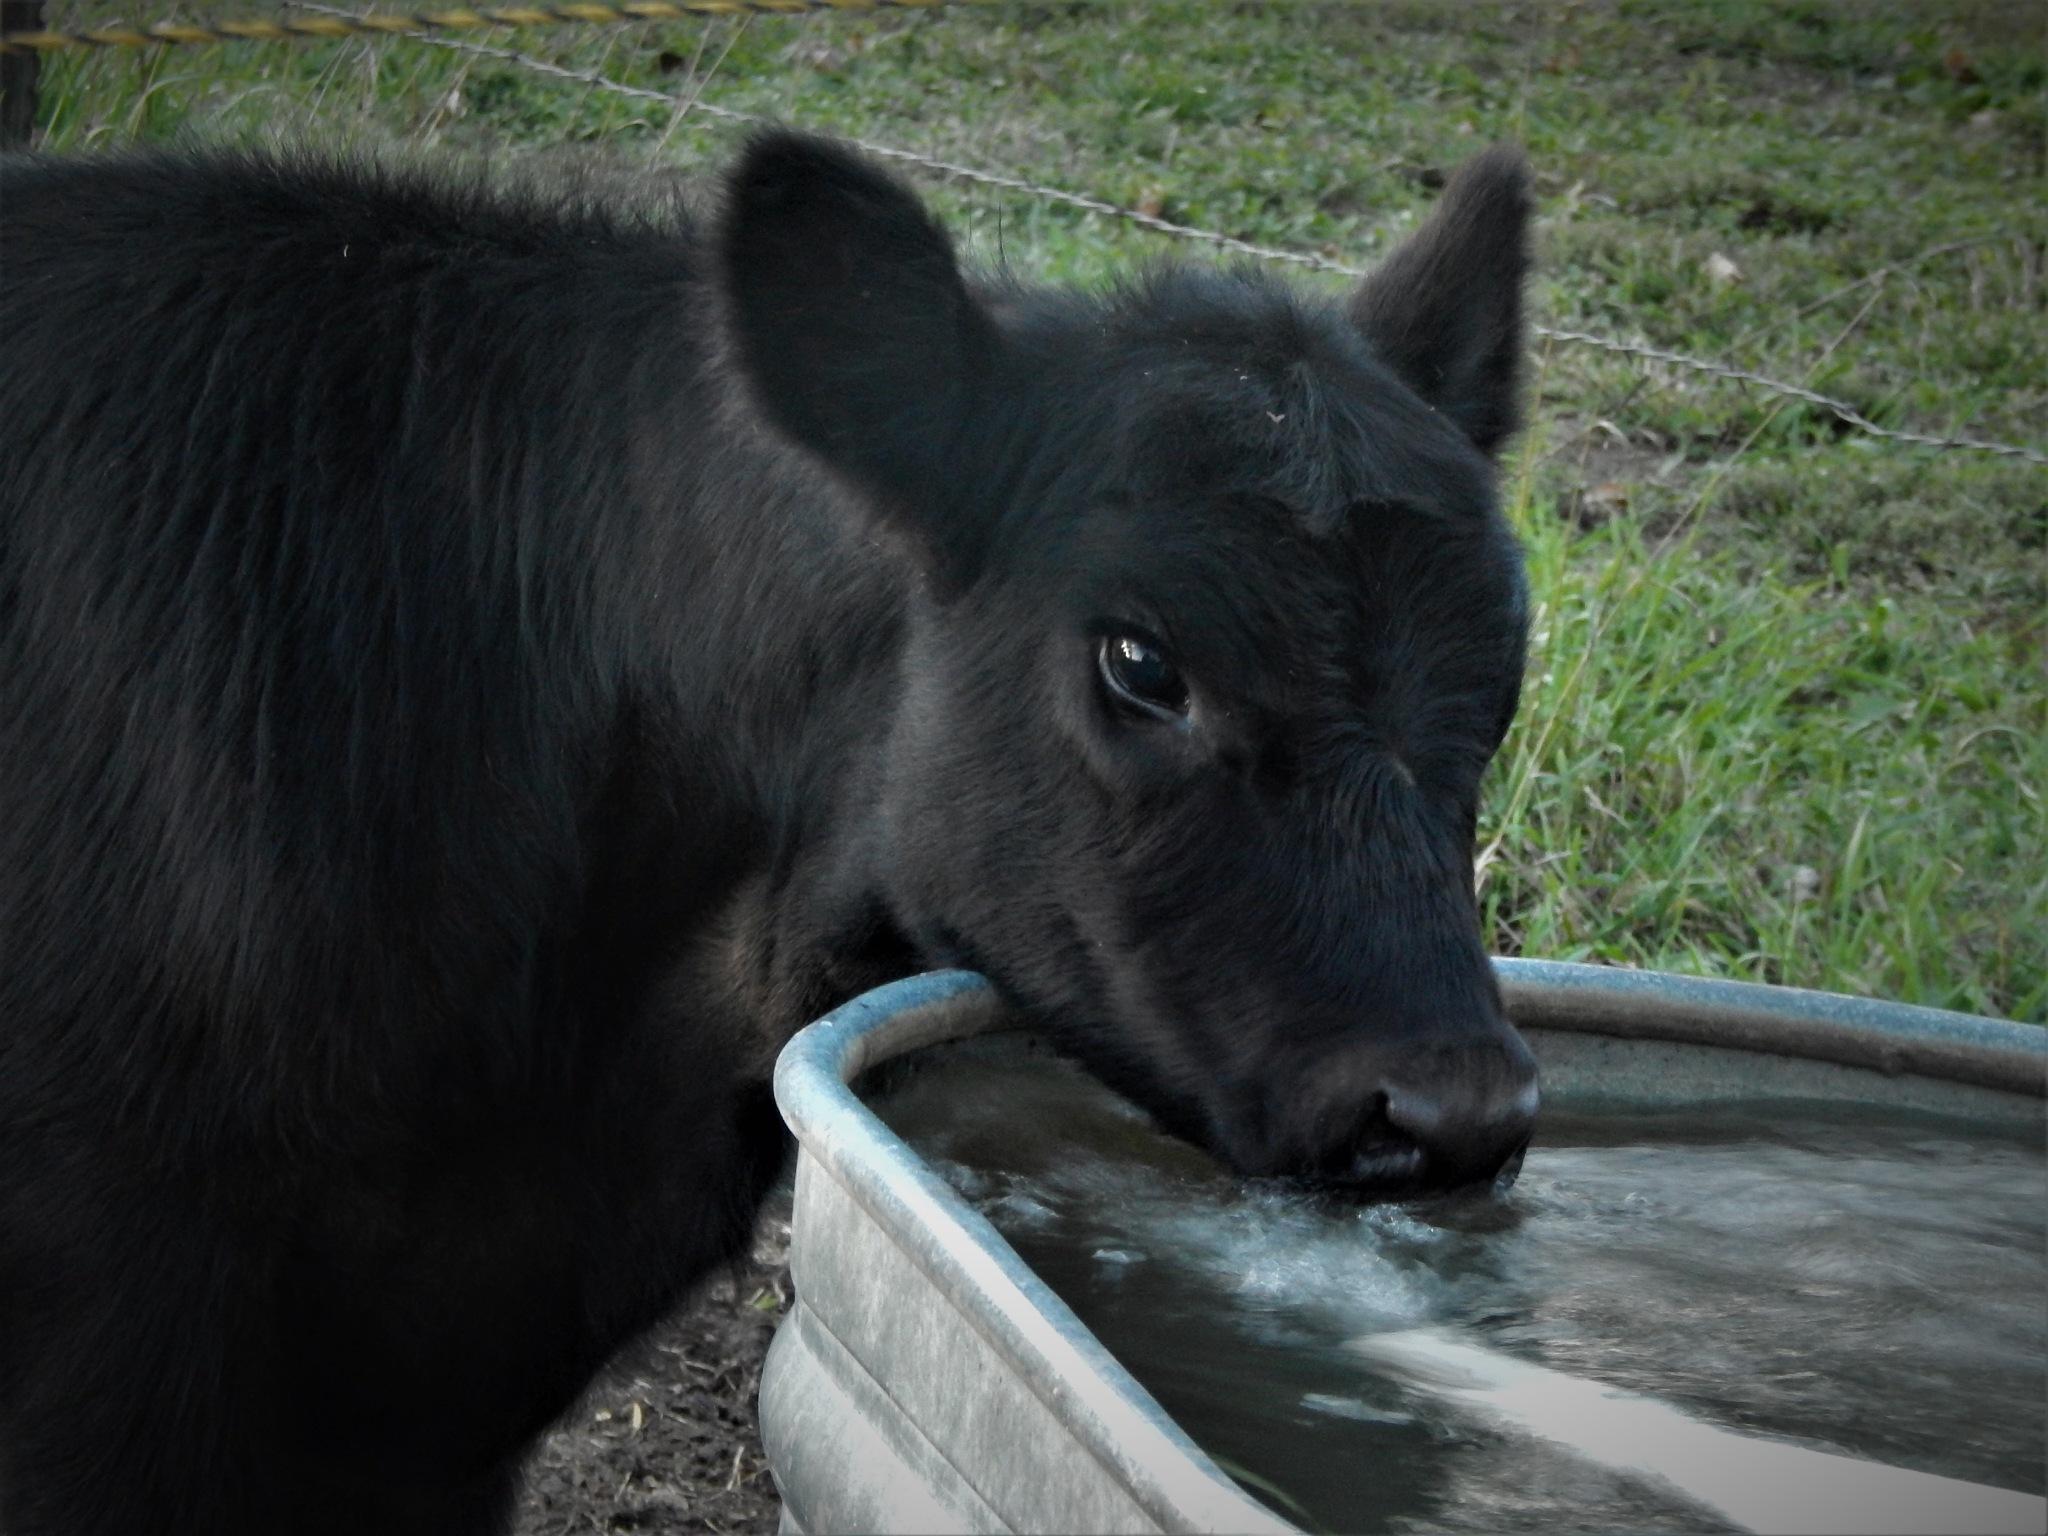 Calf by Marsha Furman